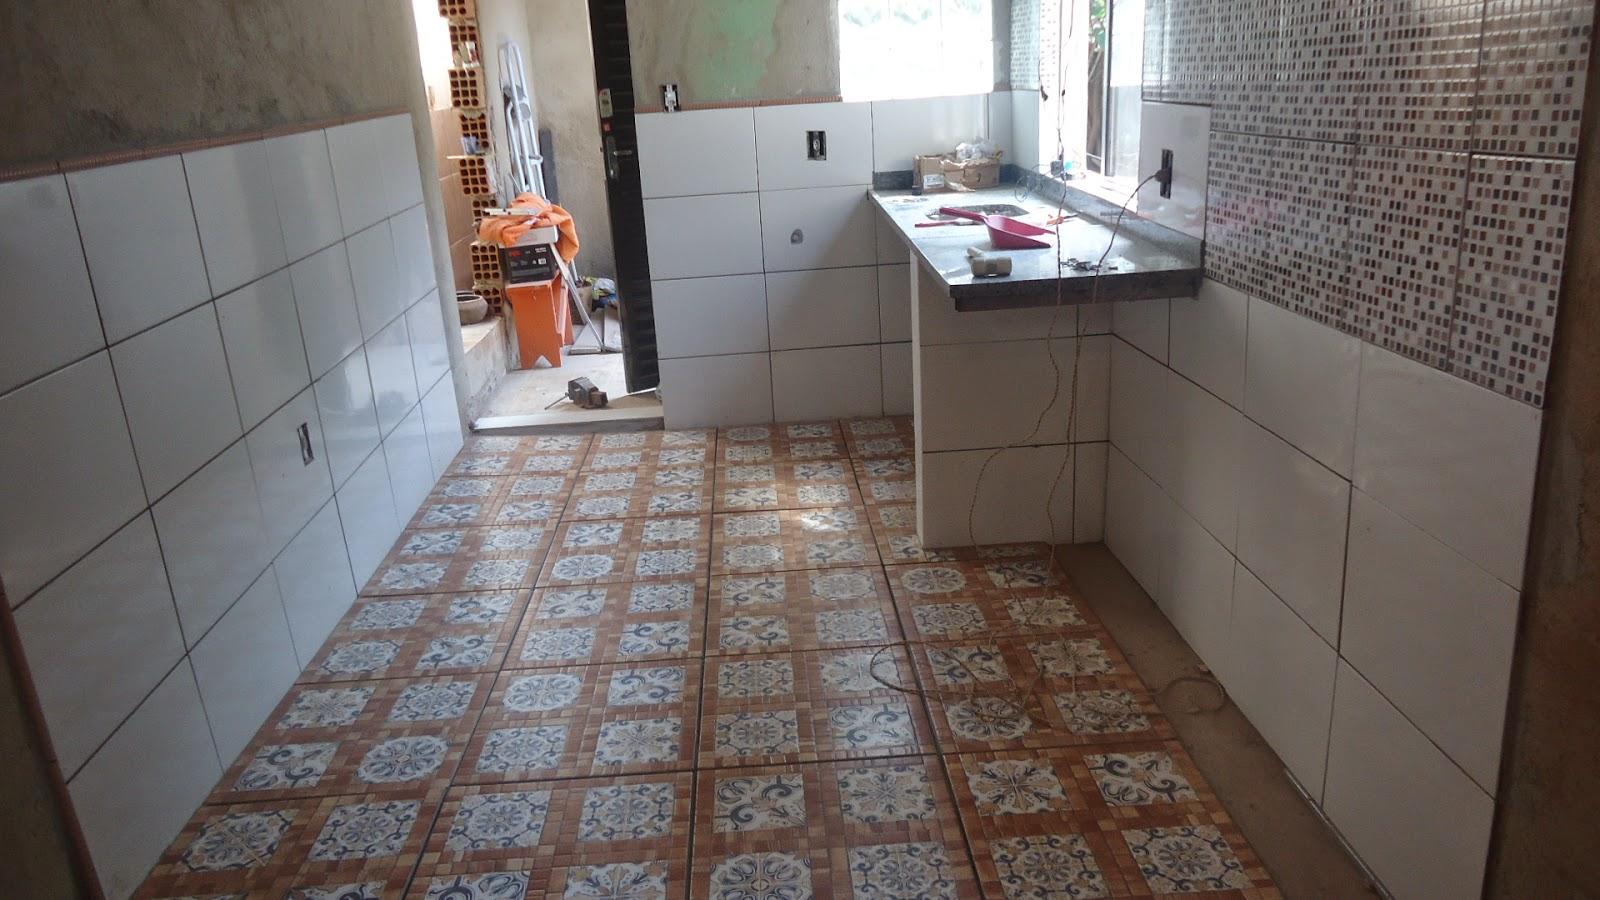 Nossa casa de juntados agosto 2014 for Ceramica para revestir paredes